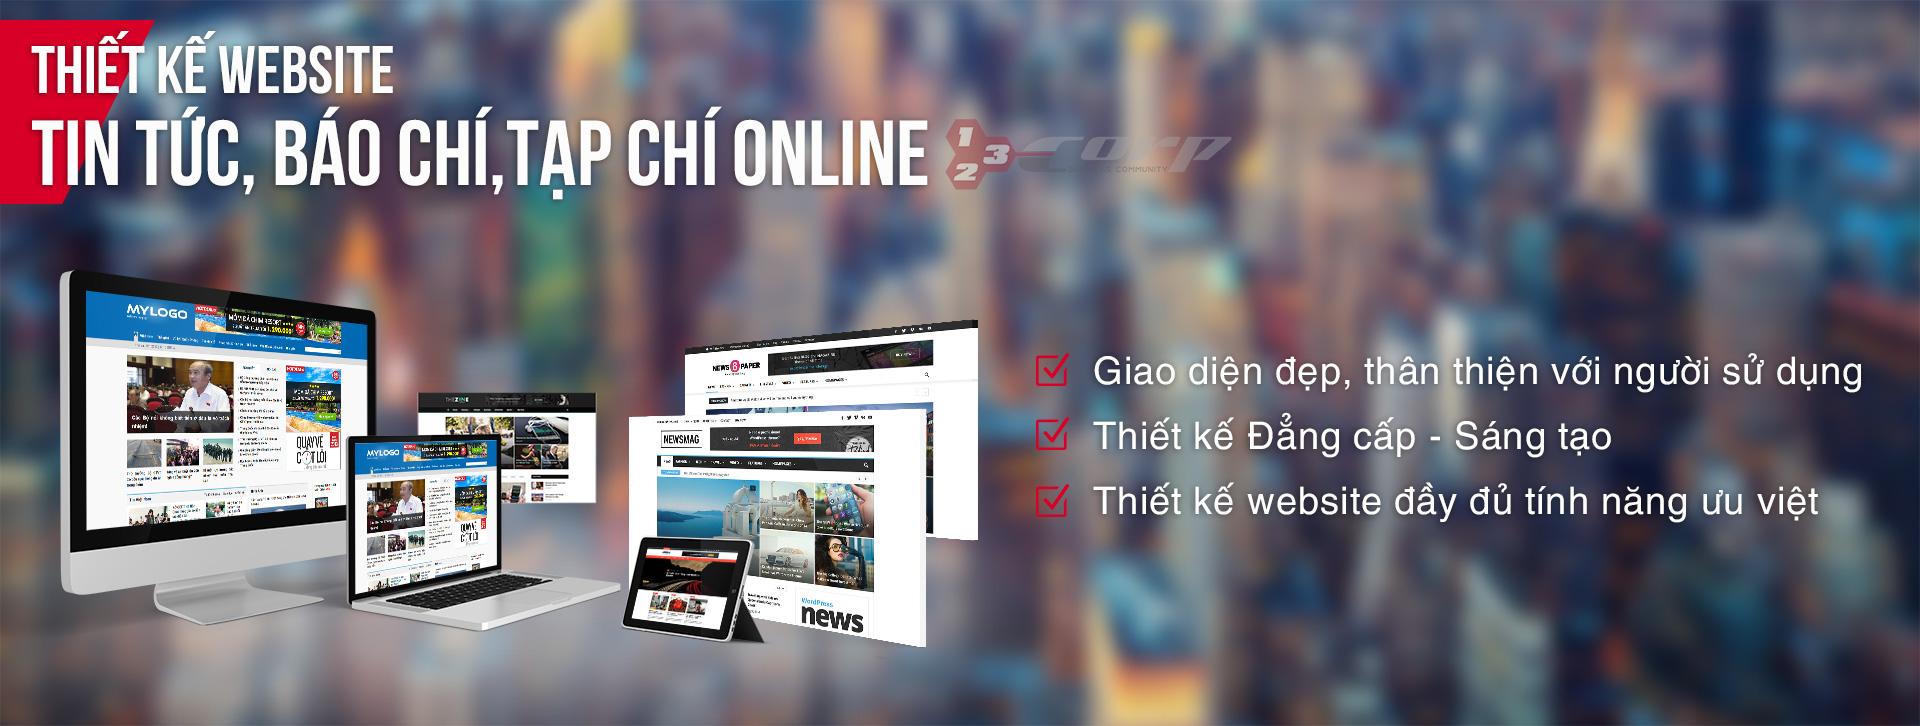 thiết kế web tin tức tại Đà Nẵng